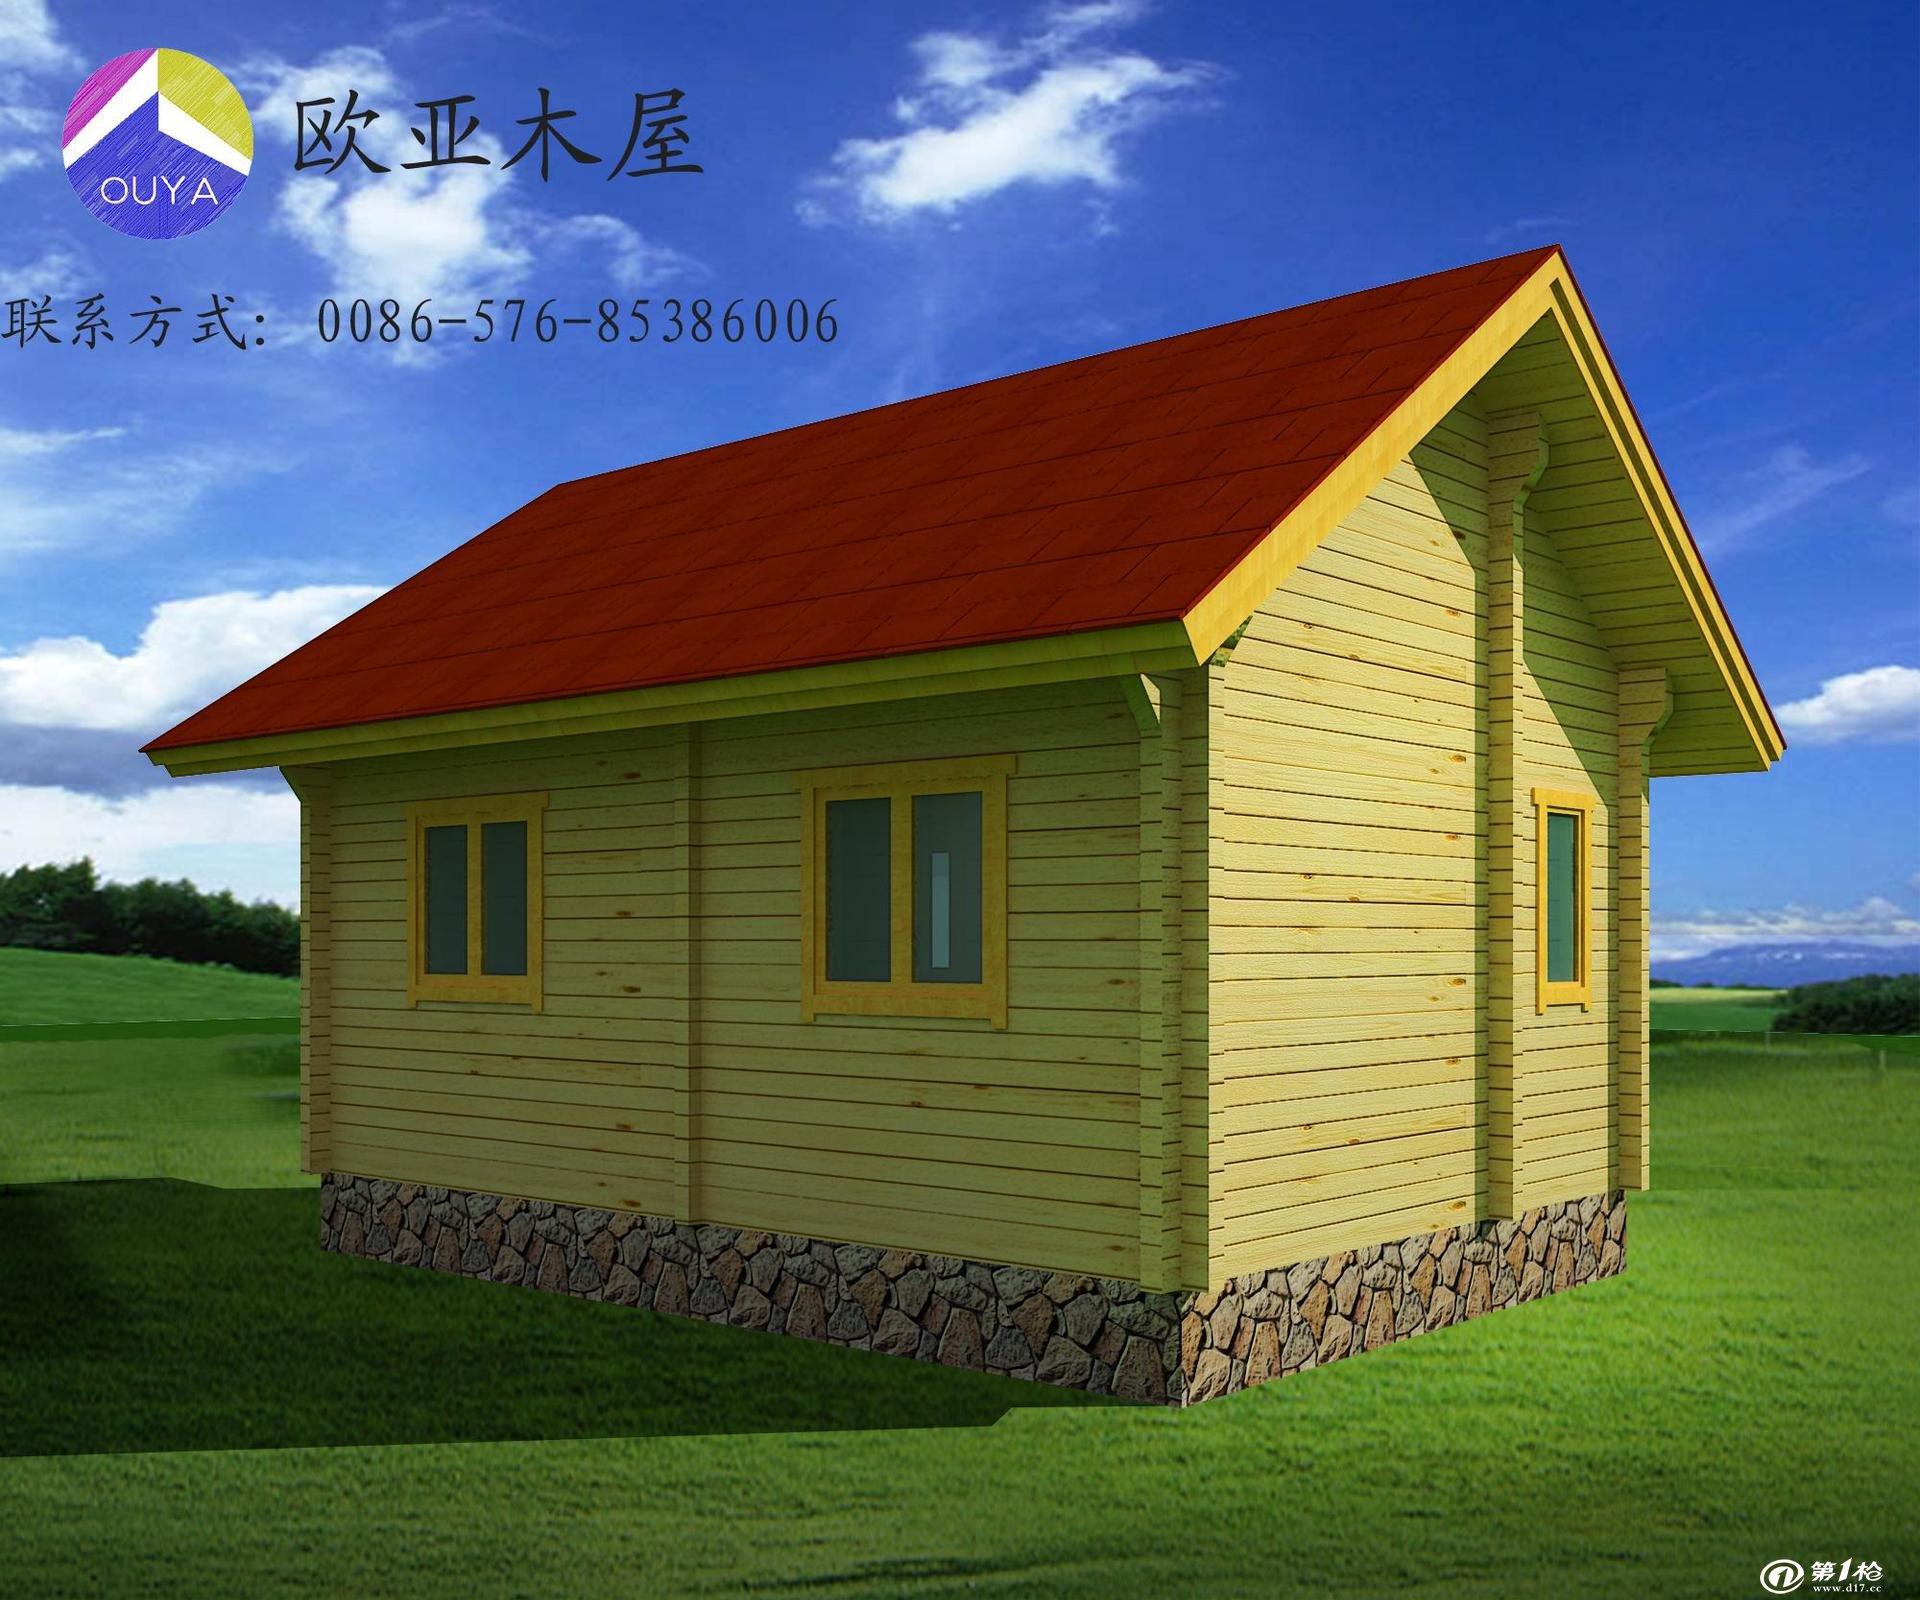 木结构房屋欧美风别墅